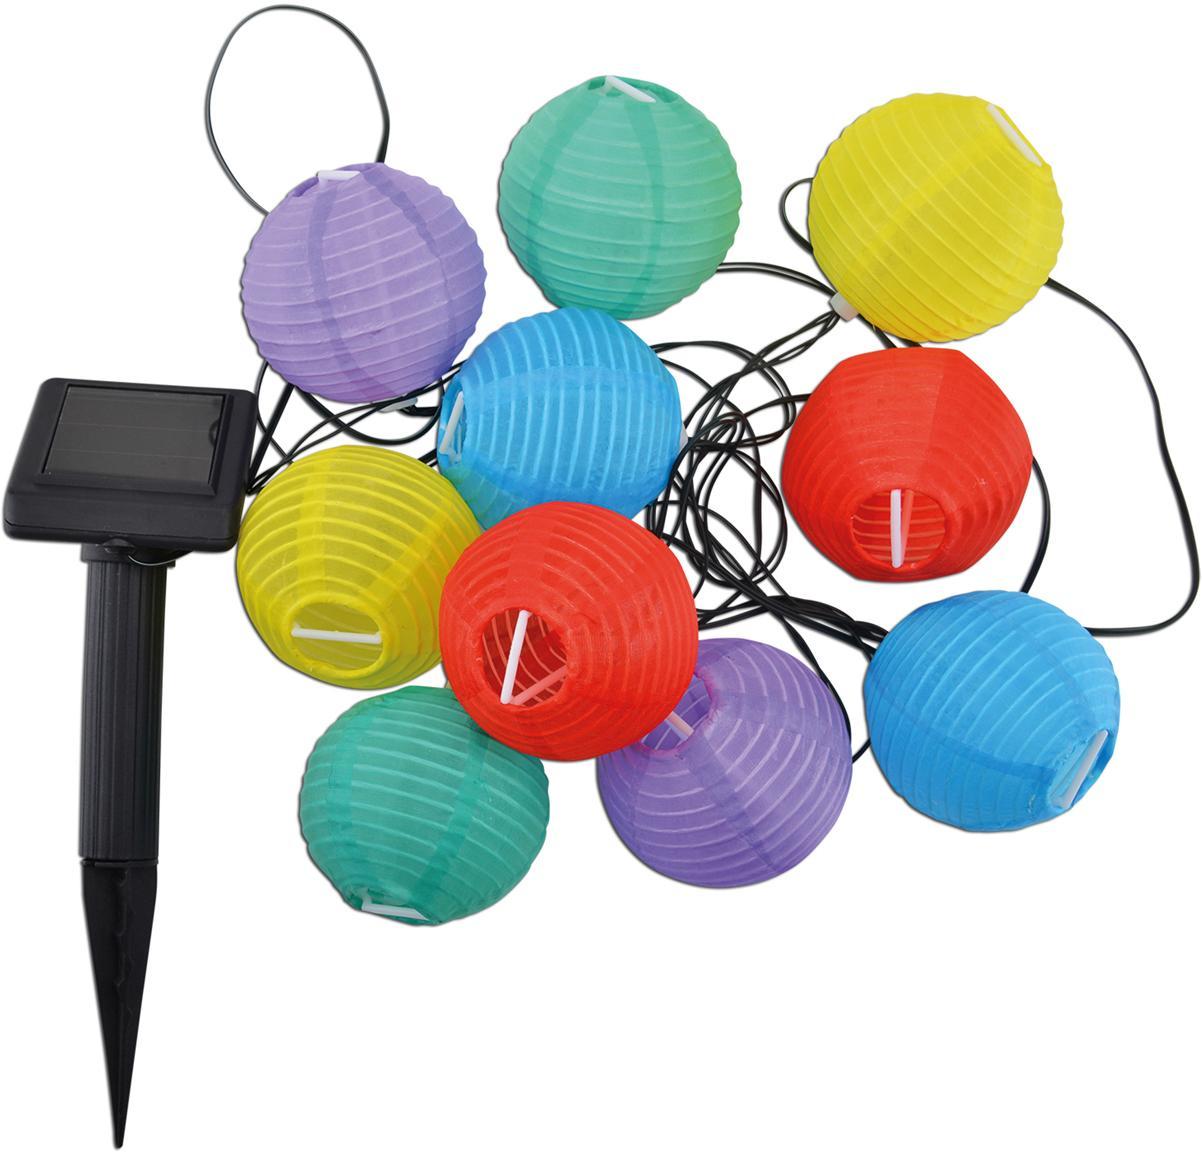 Girlanda świetlna LED Lampion, 380 cm, Tworzywo sztuczne, Wielobarwny, D 380 cm